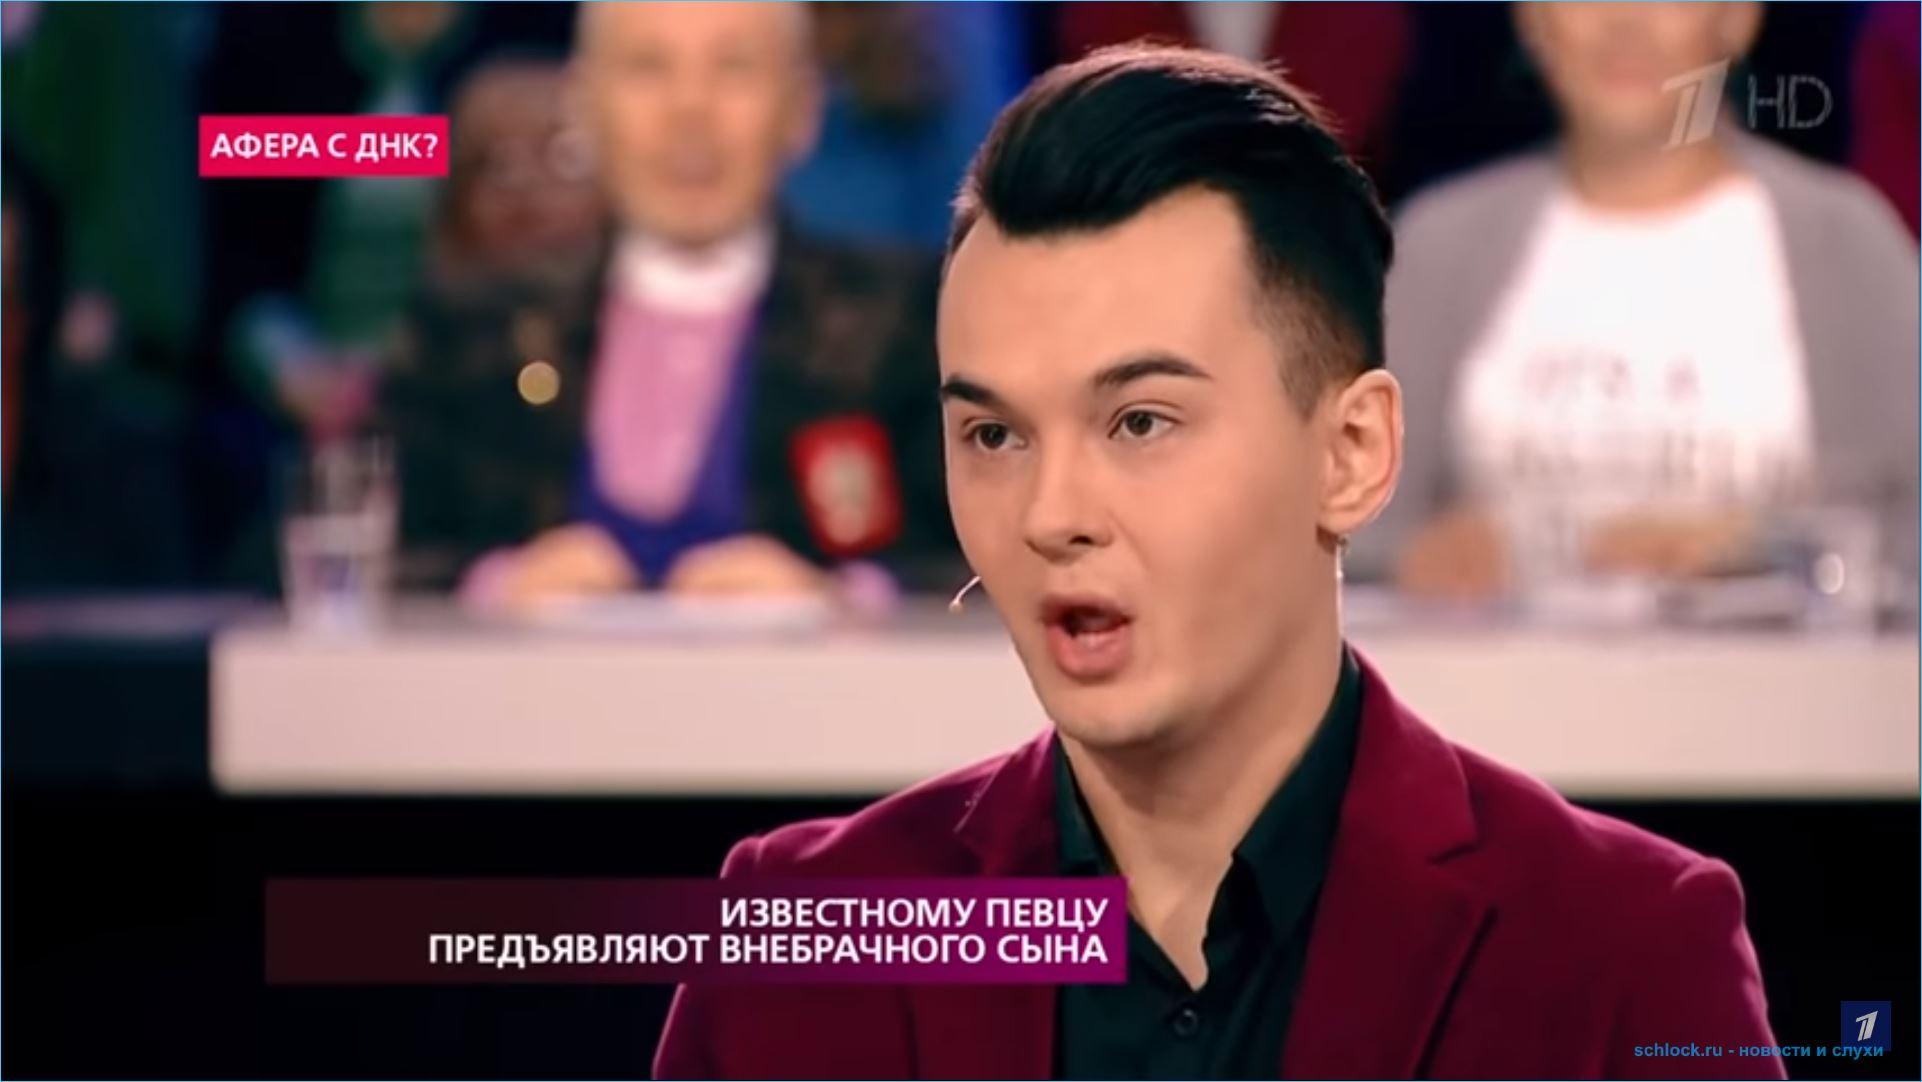 Антону Беккужеву пригрозили судом и уголовной ответственностью